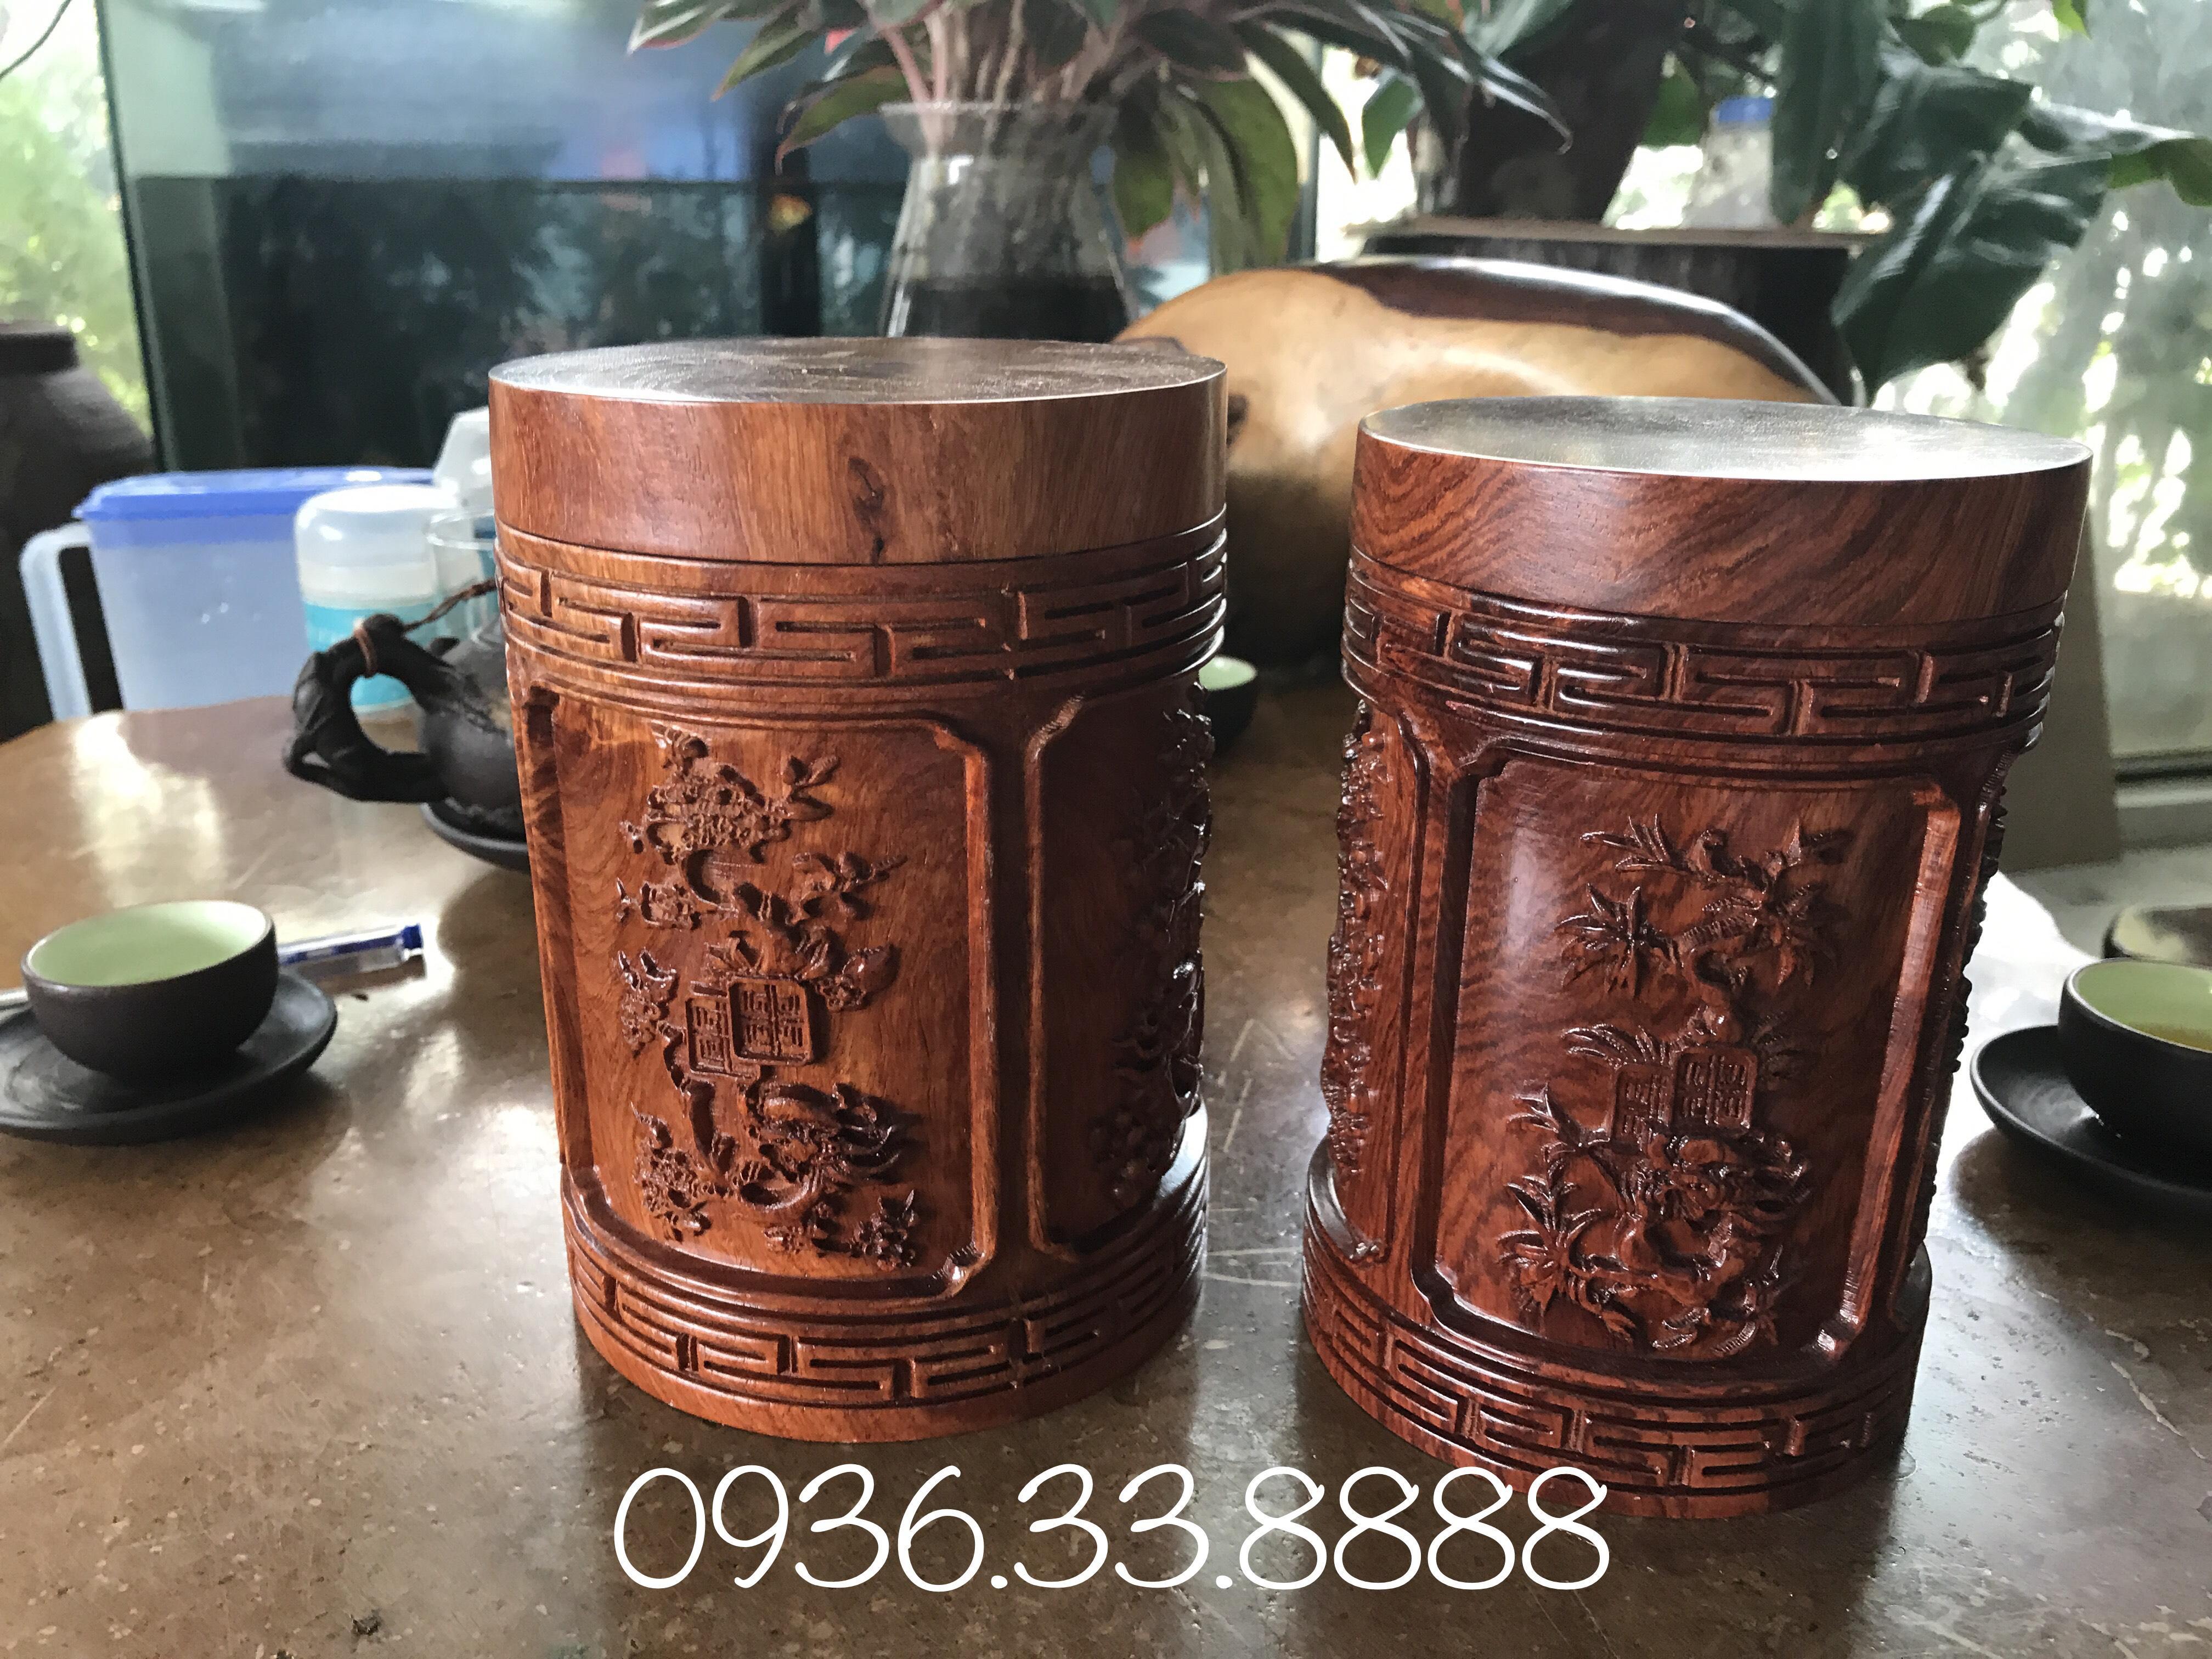 Hộp trà đục tứ quý gỗ hương